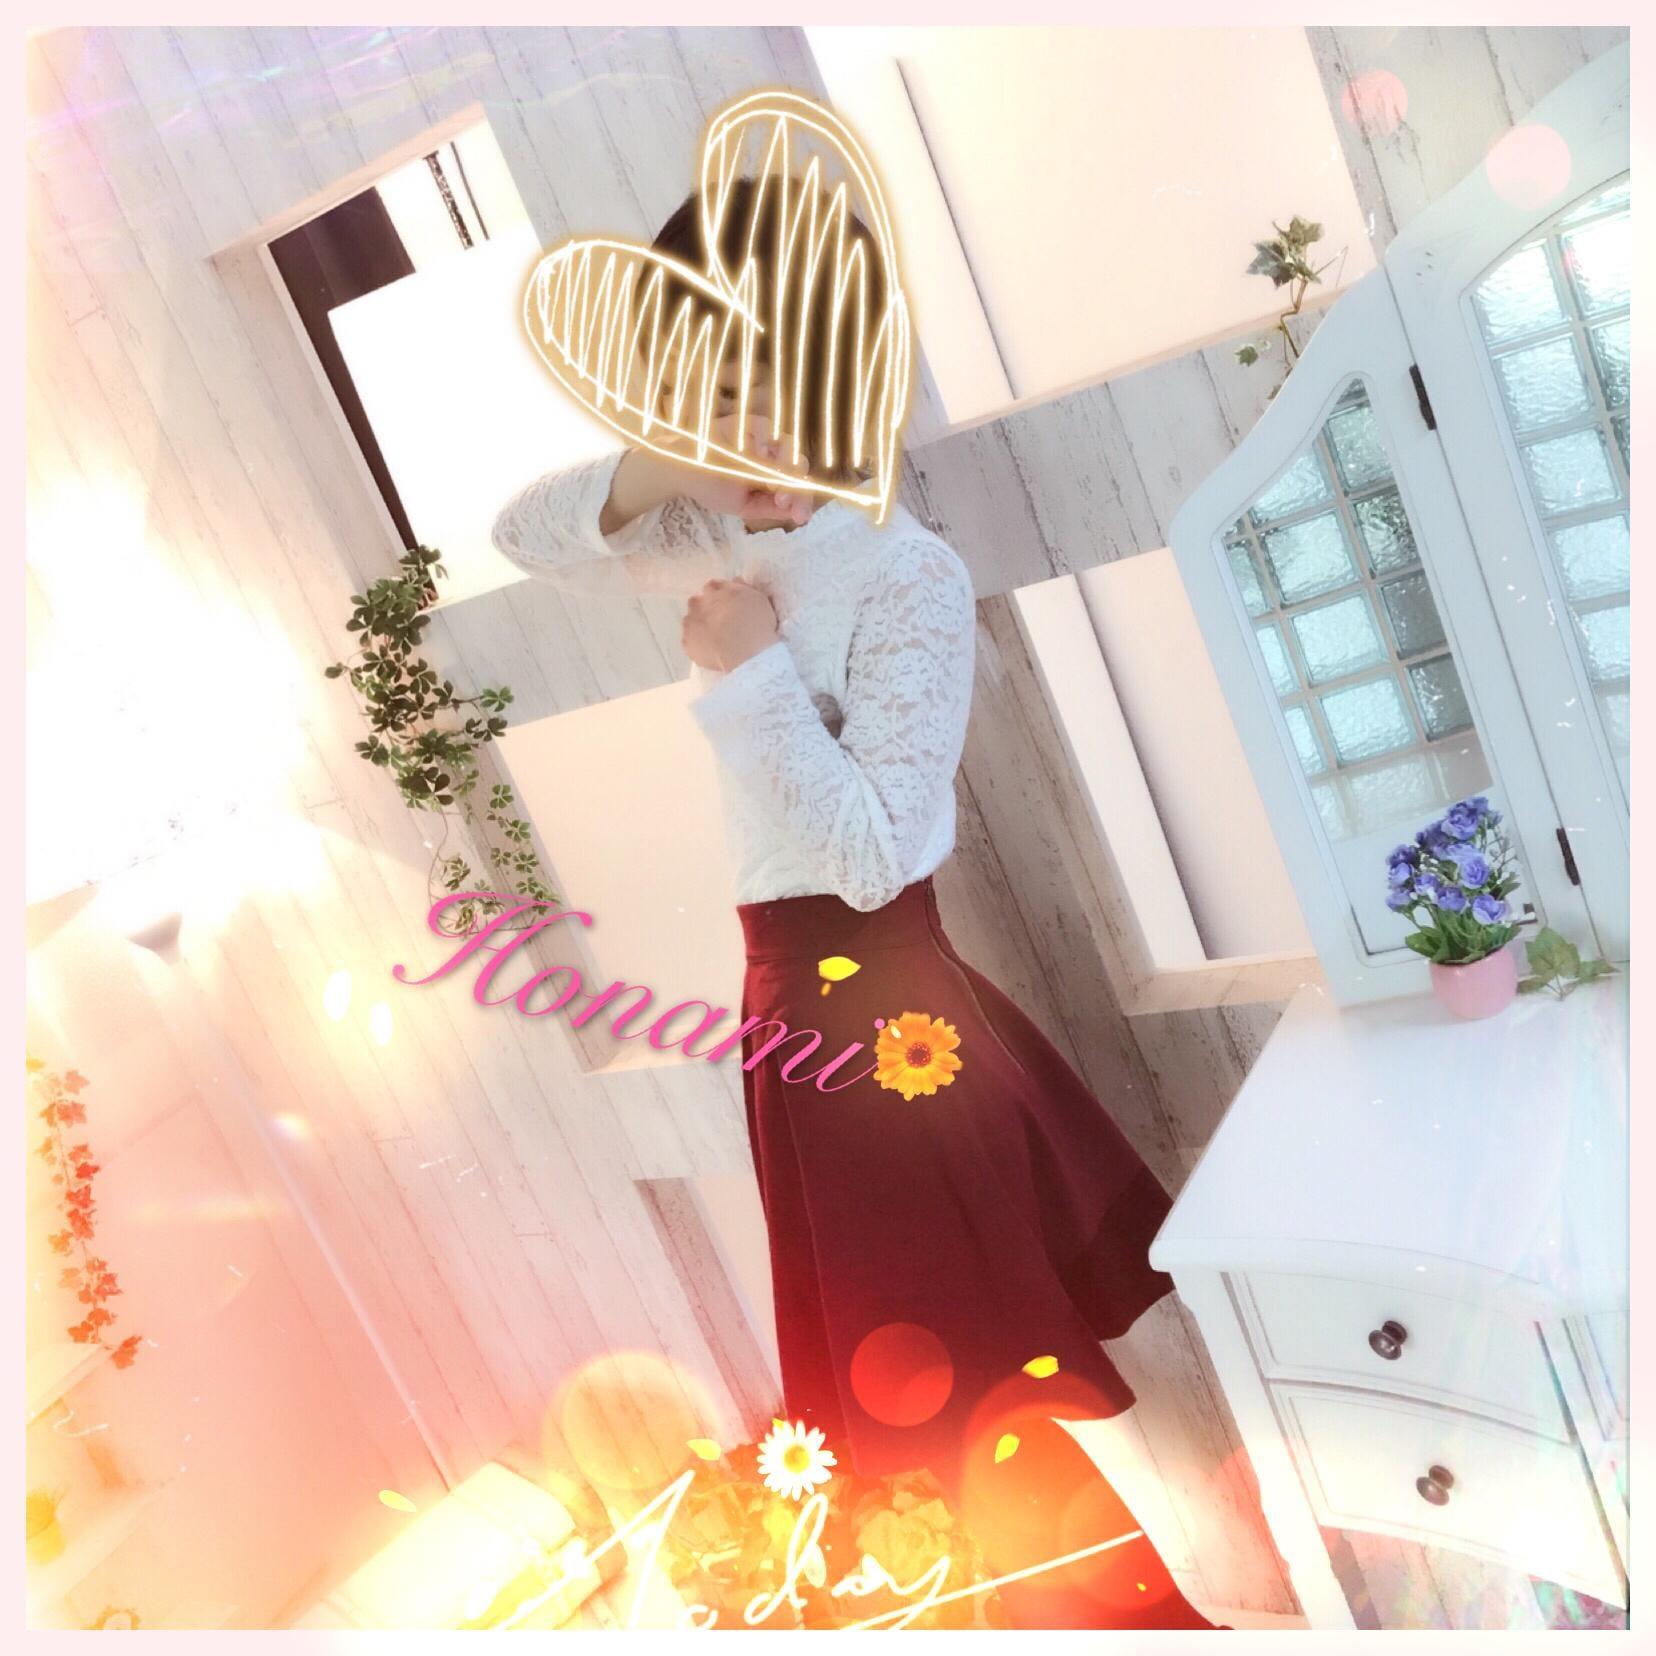 「バチン〇ン。」01/21(月) 20:09 | 土屋ほなみの写メ・風俗動画